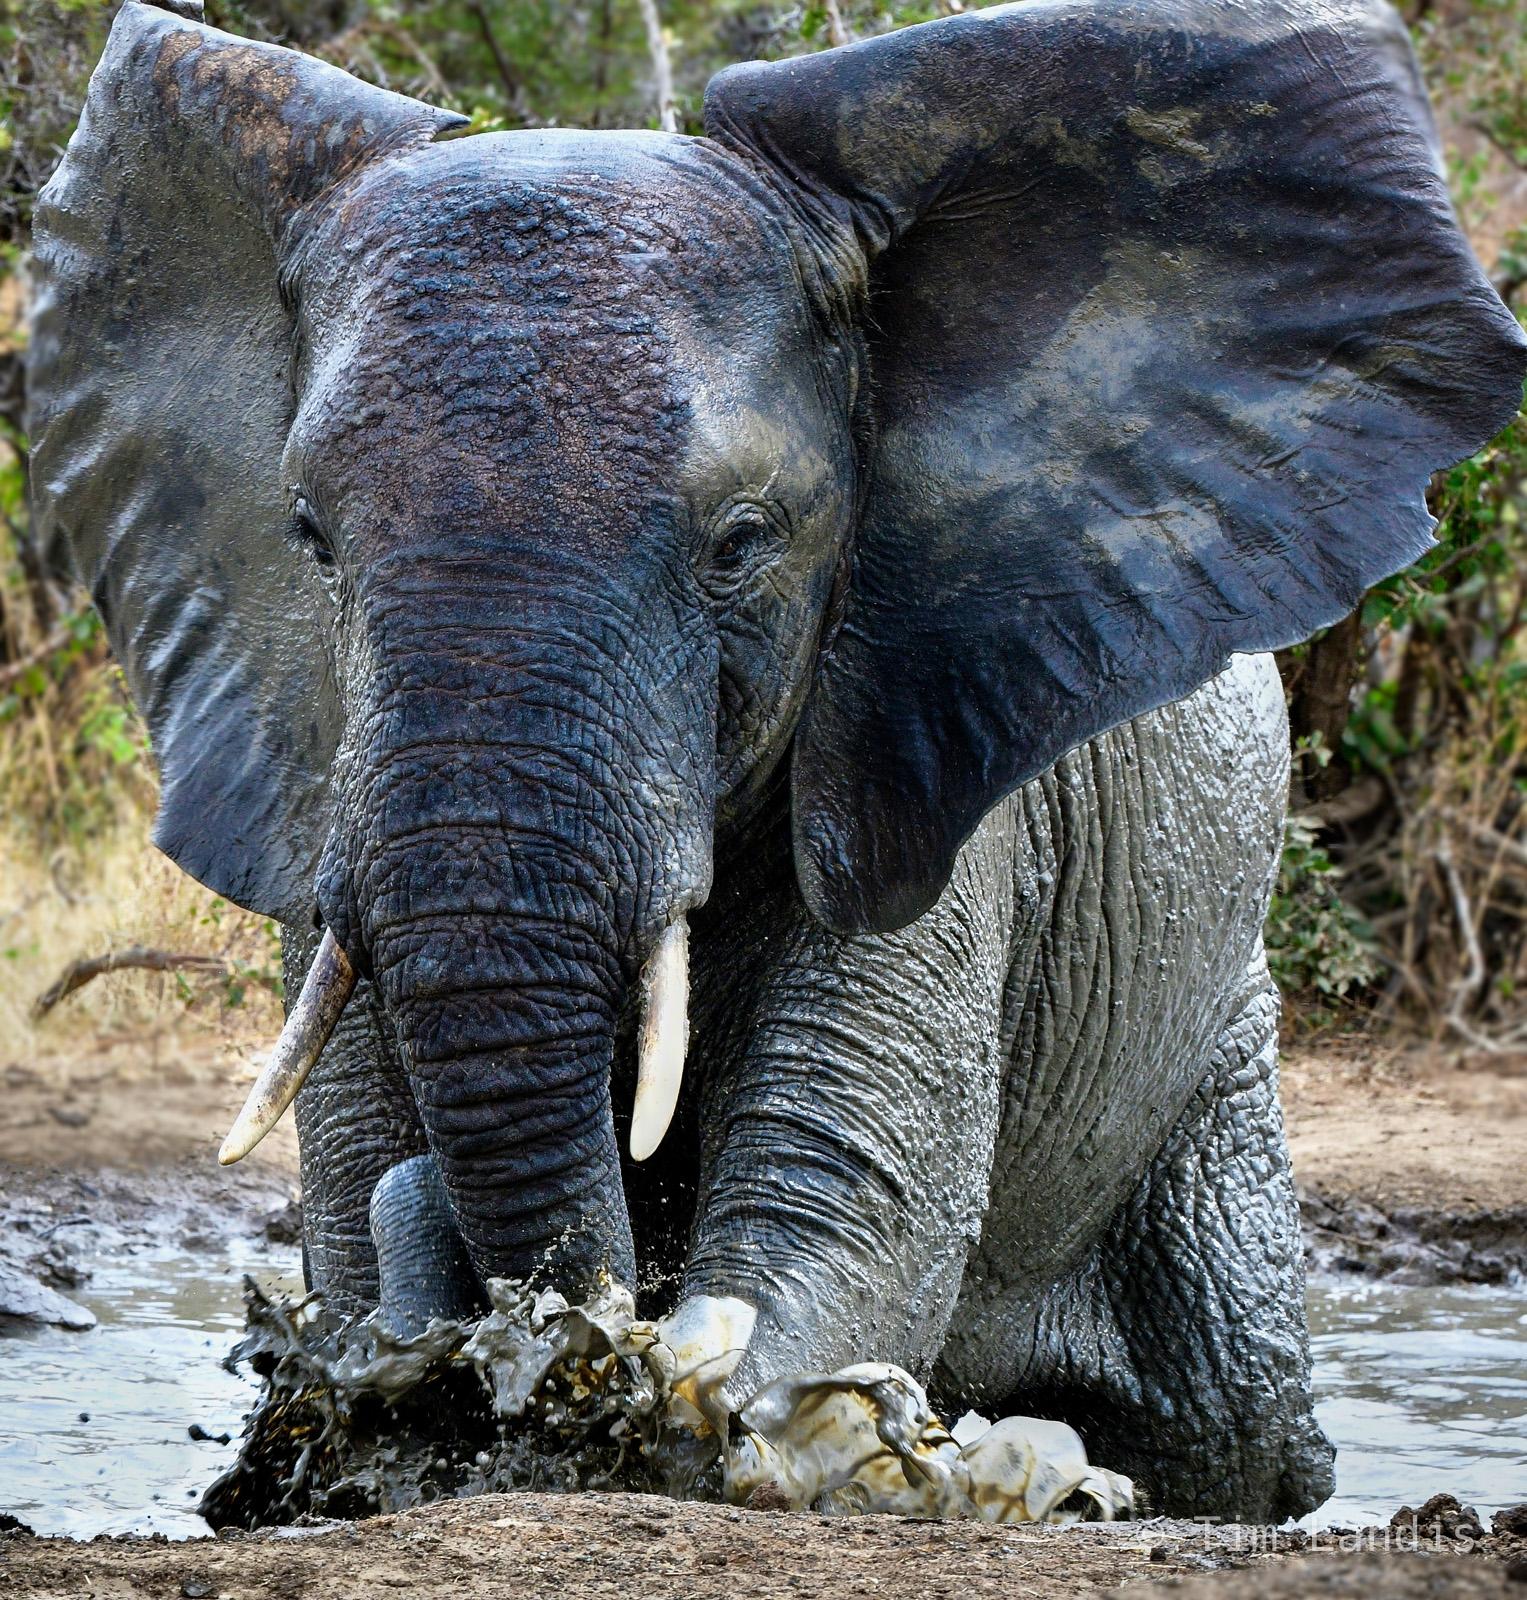 Mudbath, elephant in mud bath, splash, photo